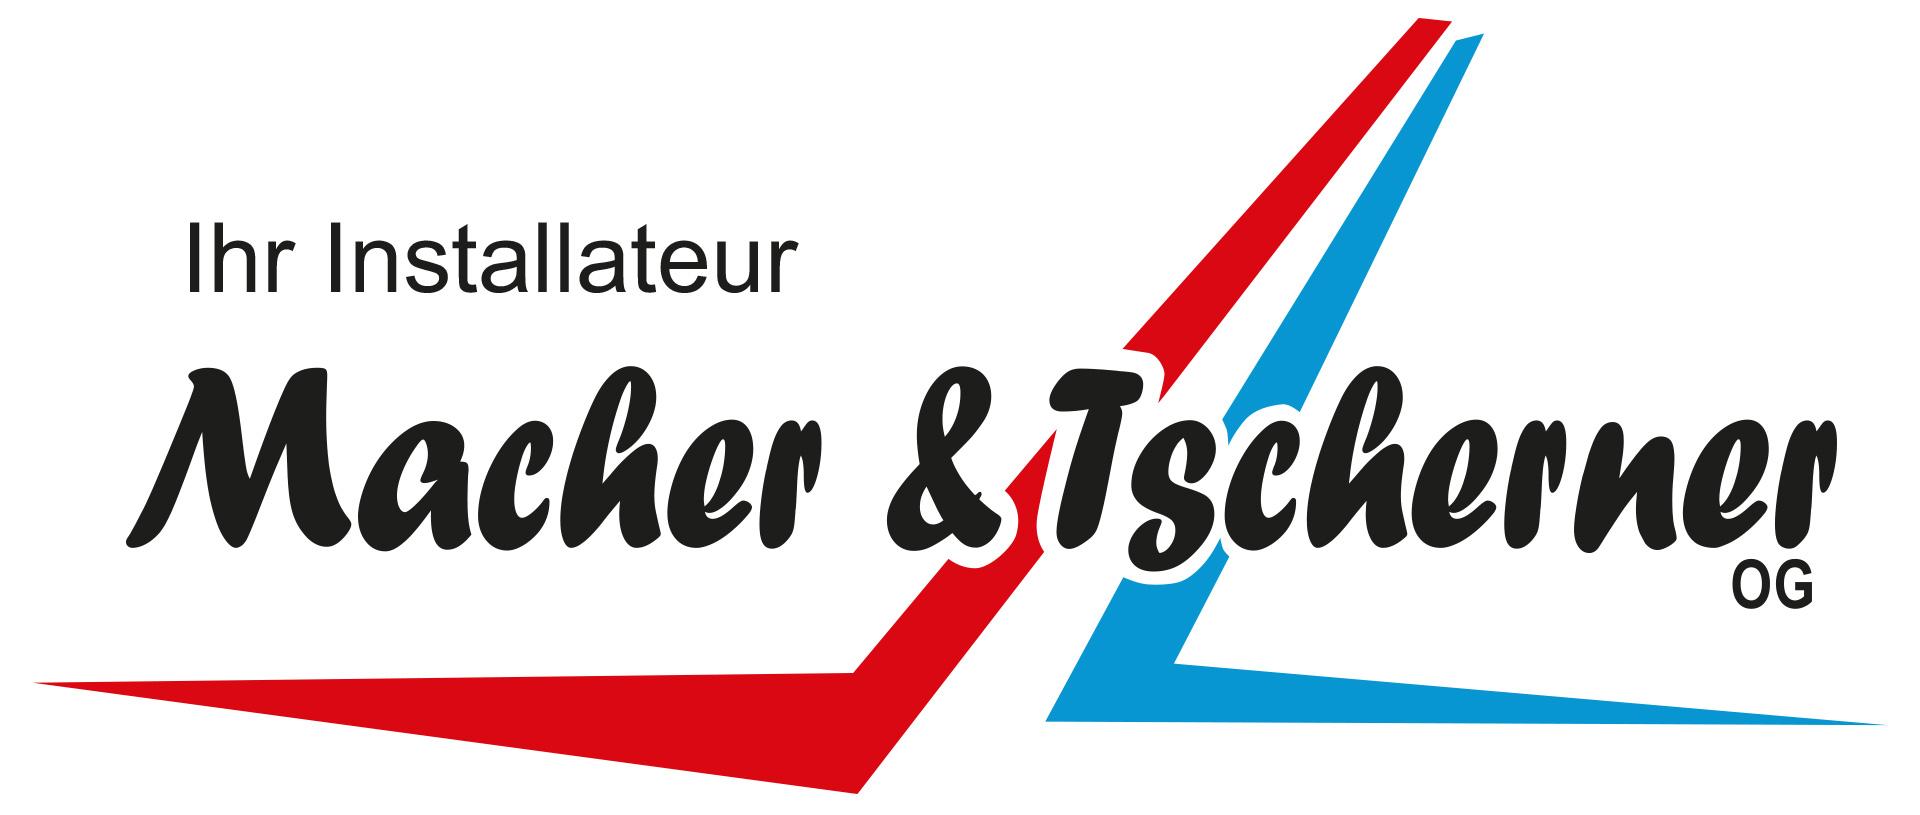 Macher & Tscherner